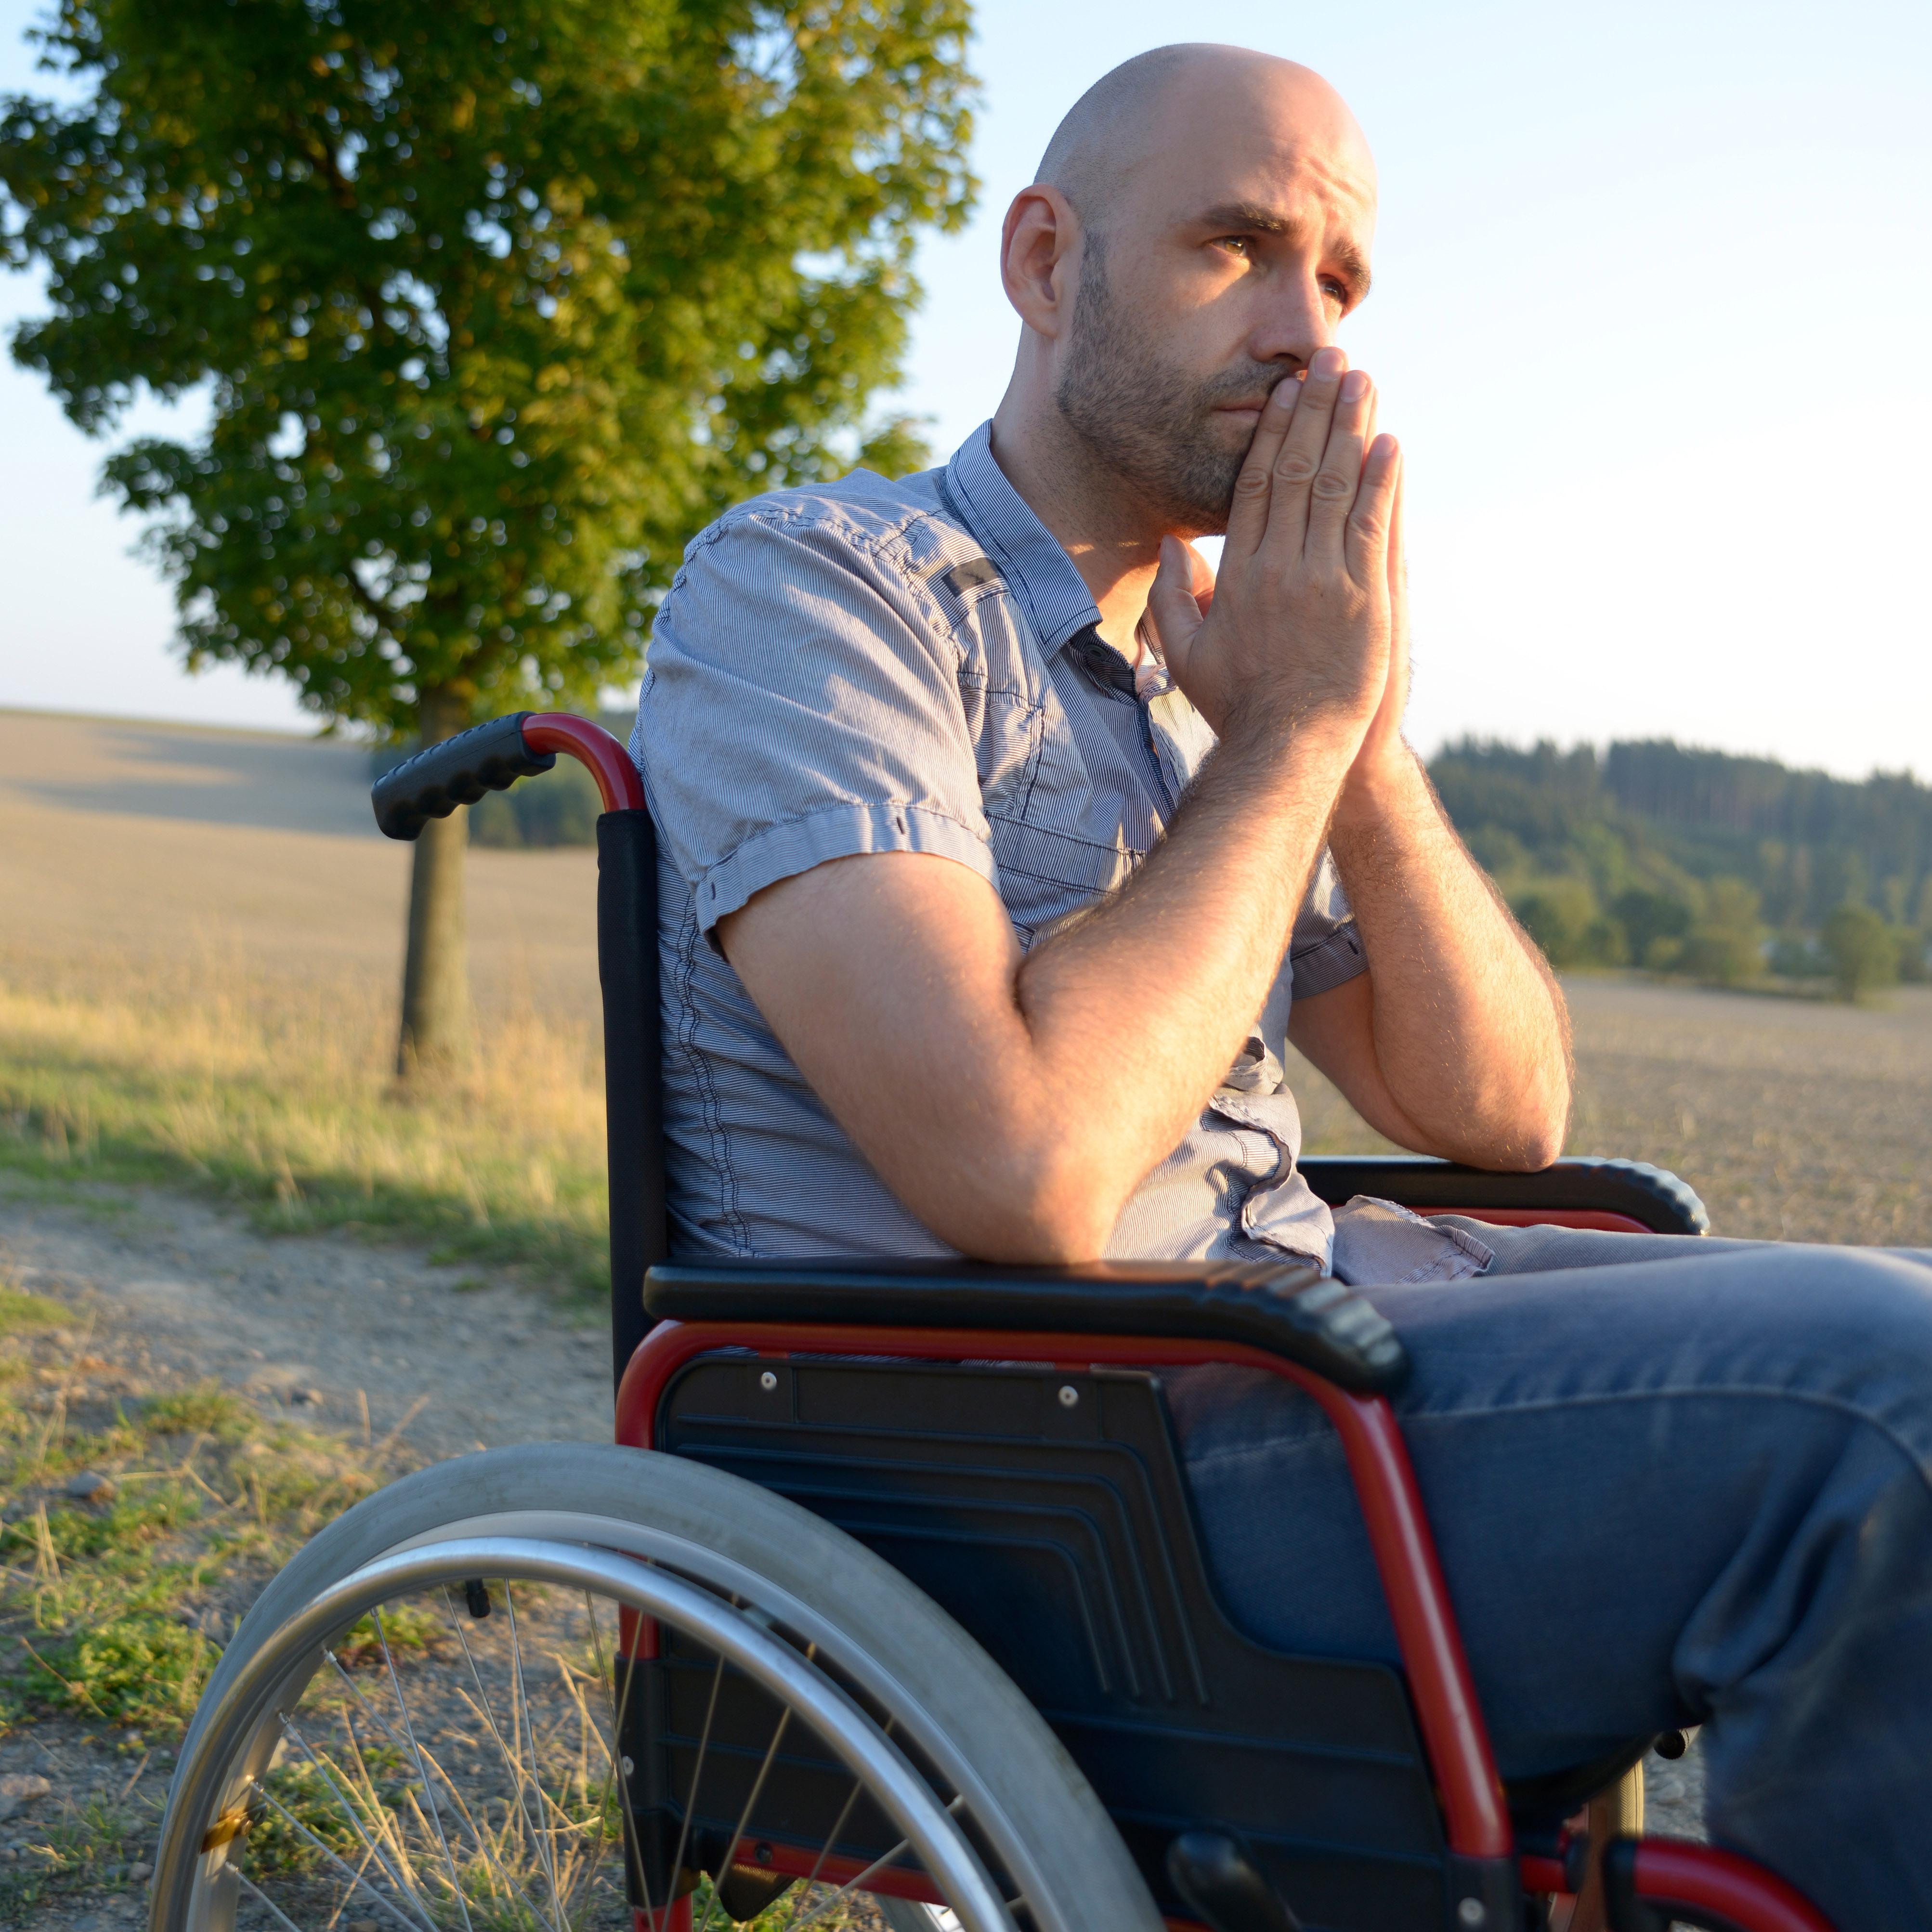 Sad man in a wheelchair